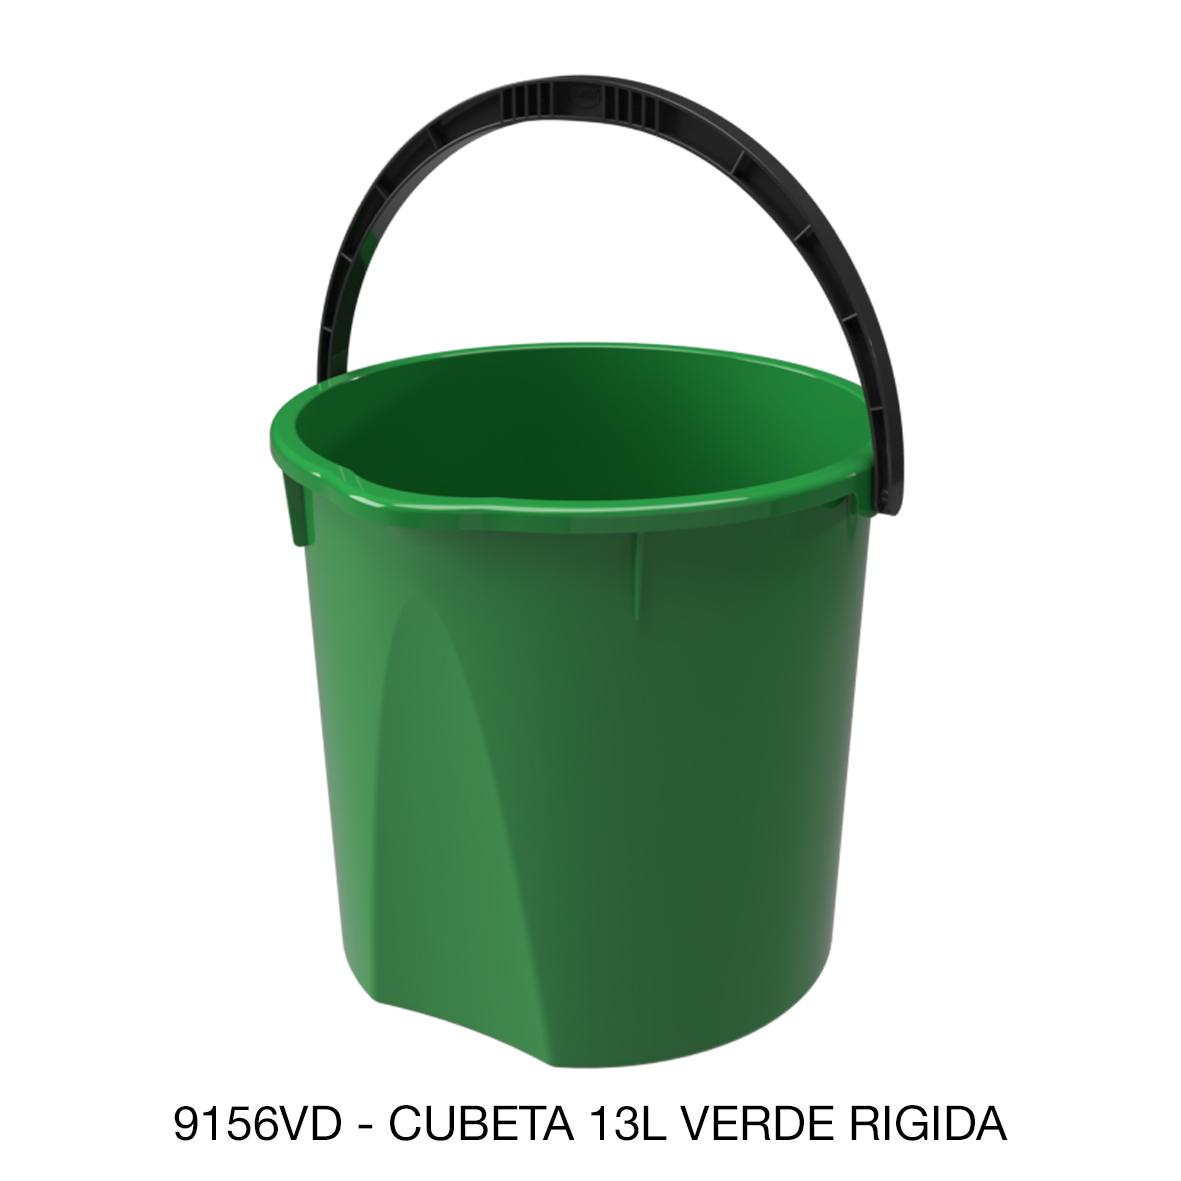 Cubeta rígida de 13 litros color verde modelo 9156VD de Sablón